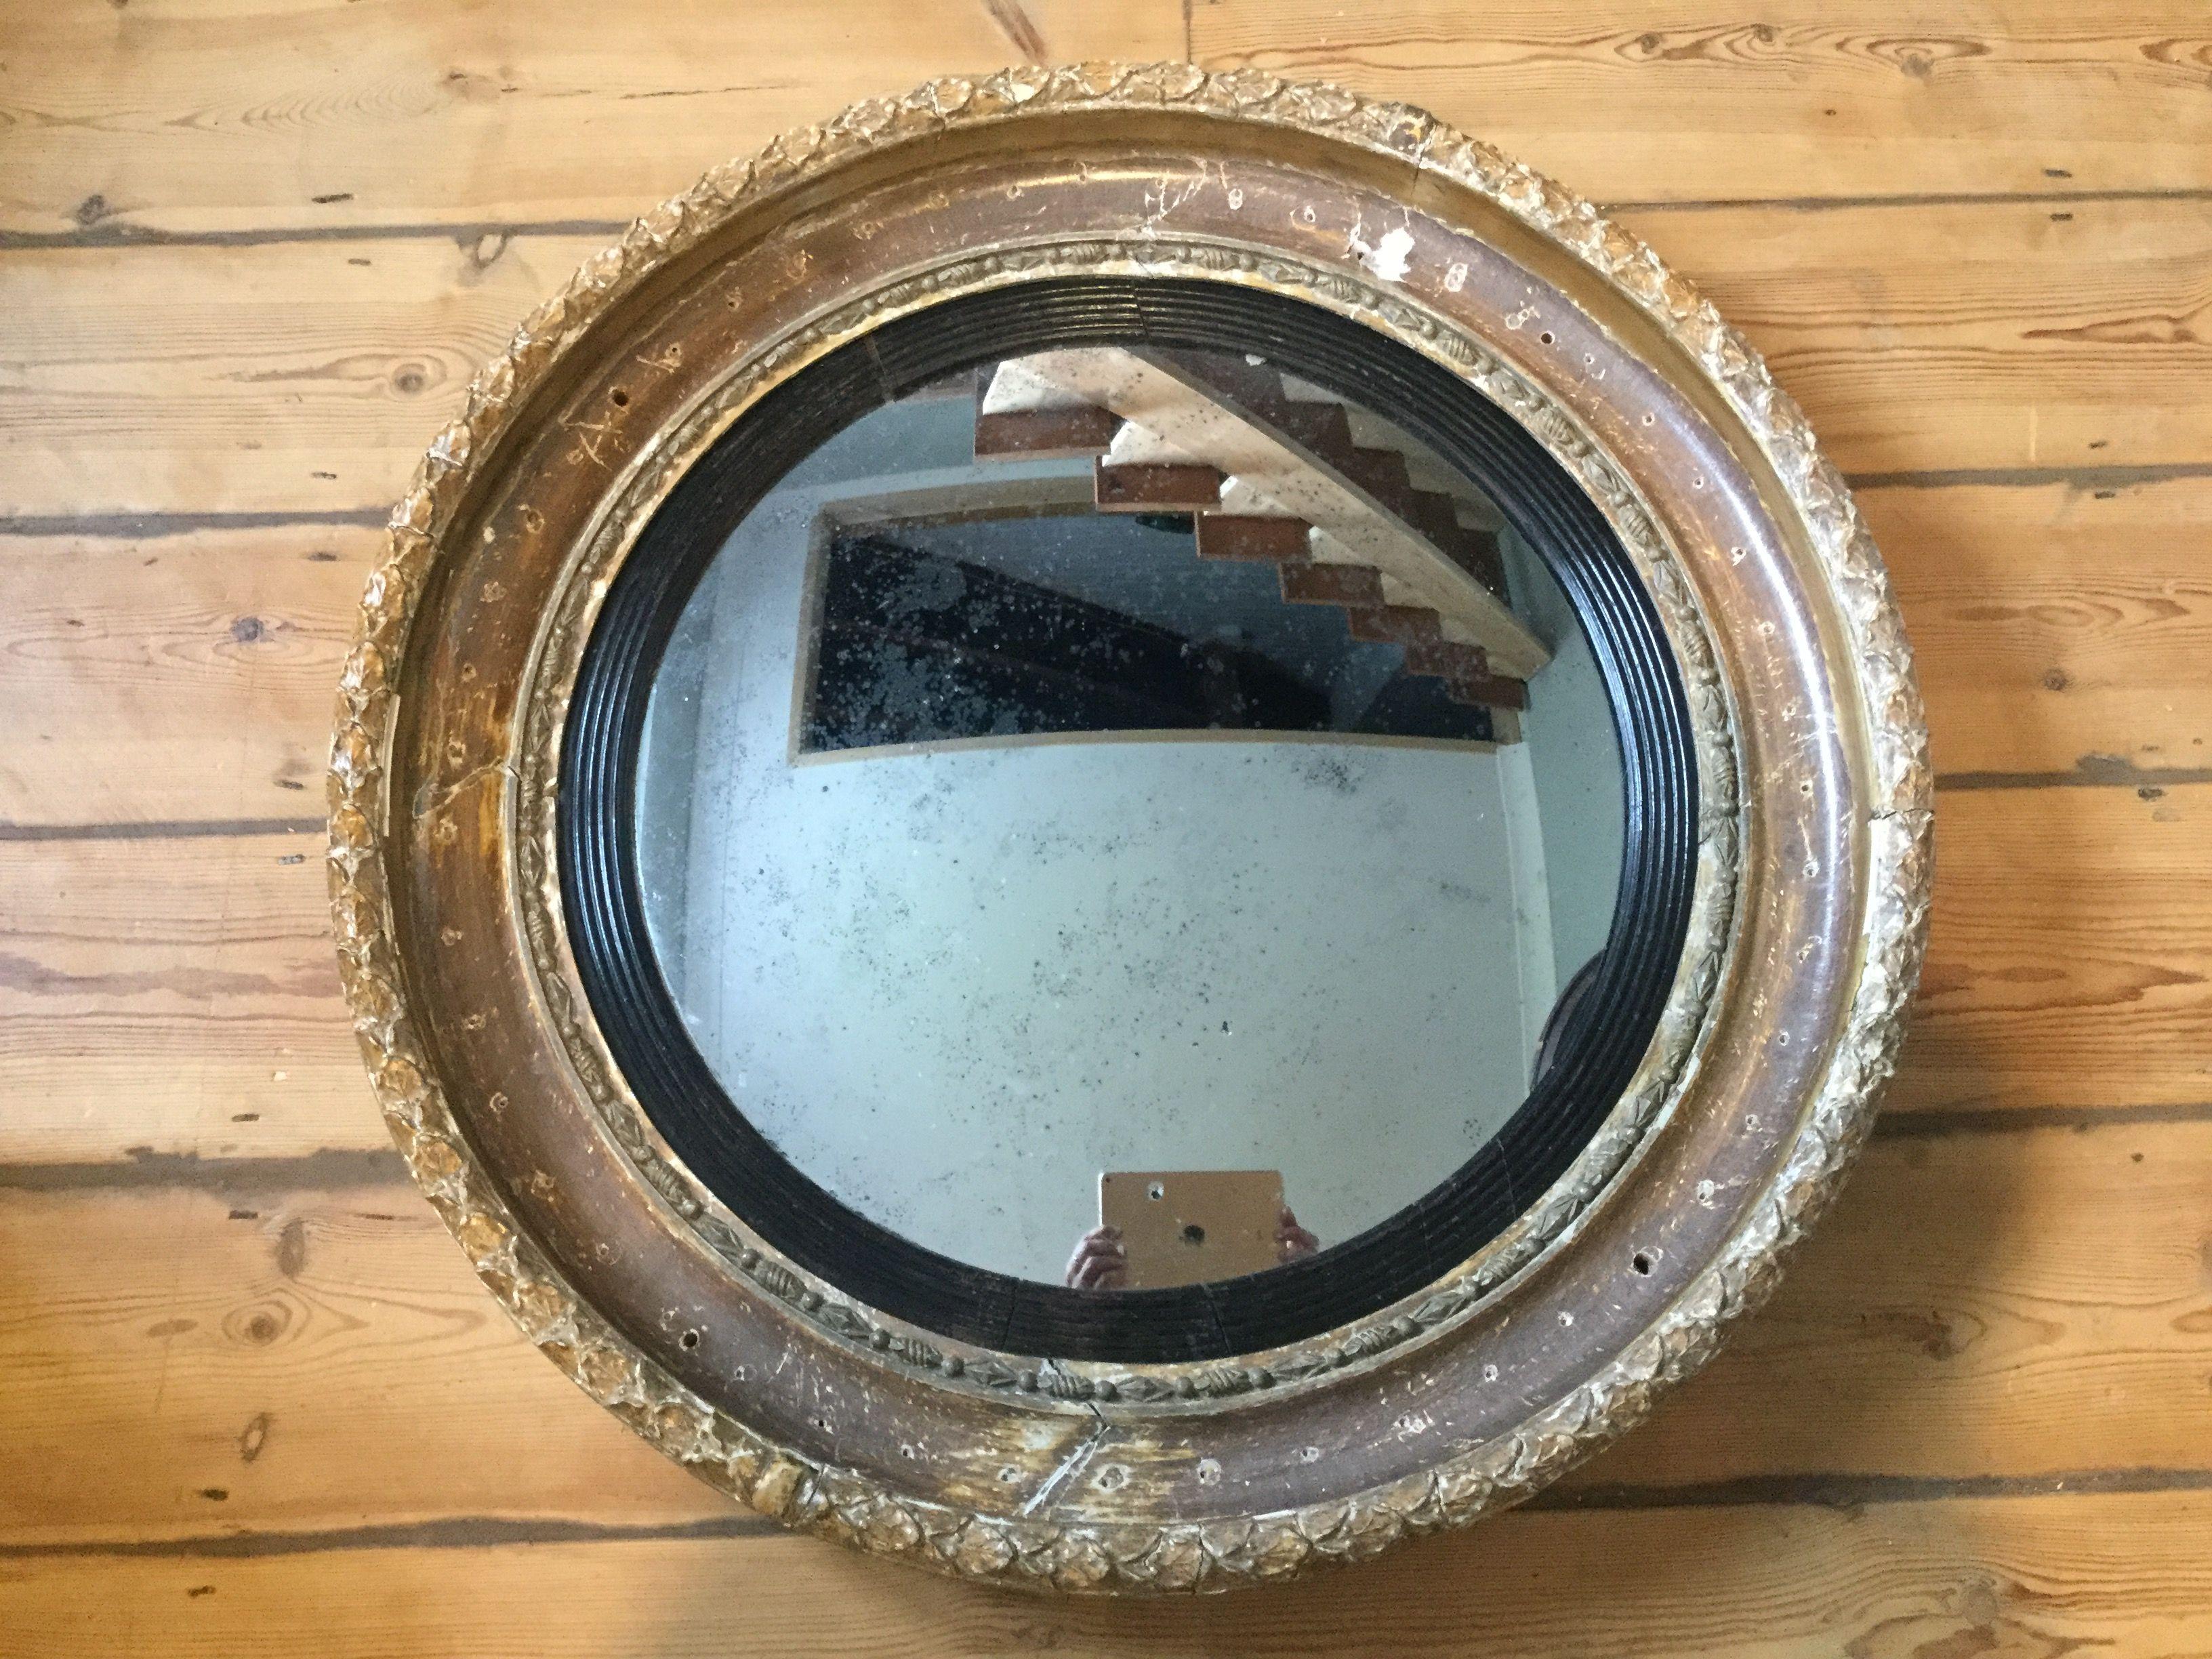 Regency convex mirror | Antique mirror, Mirror, Mirrors ...